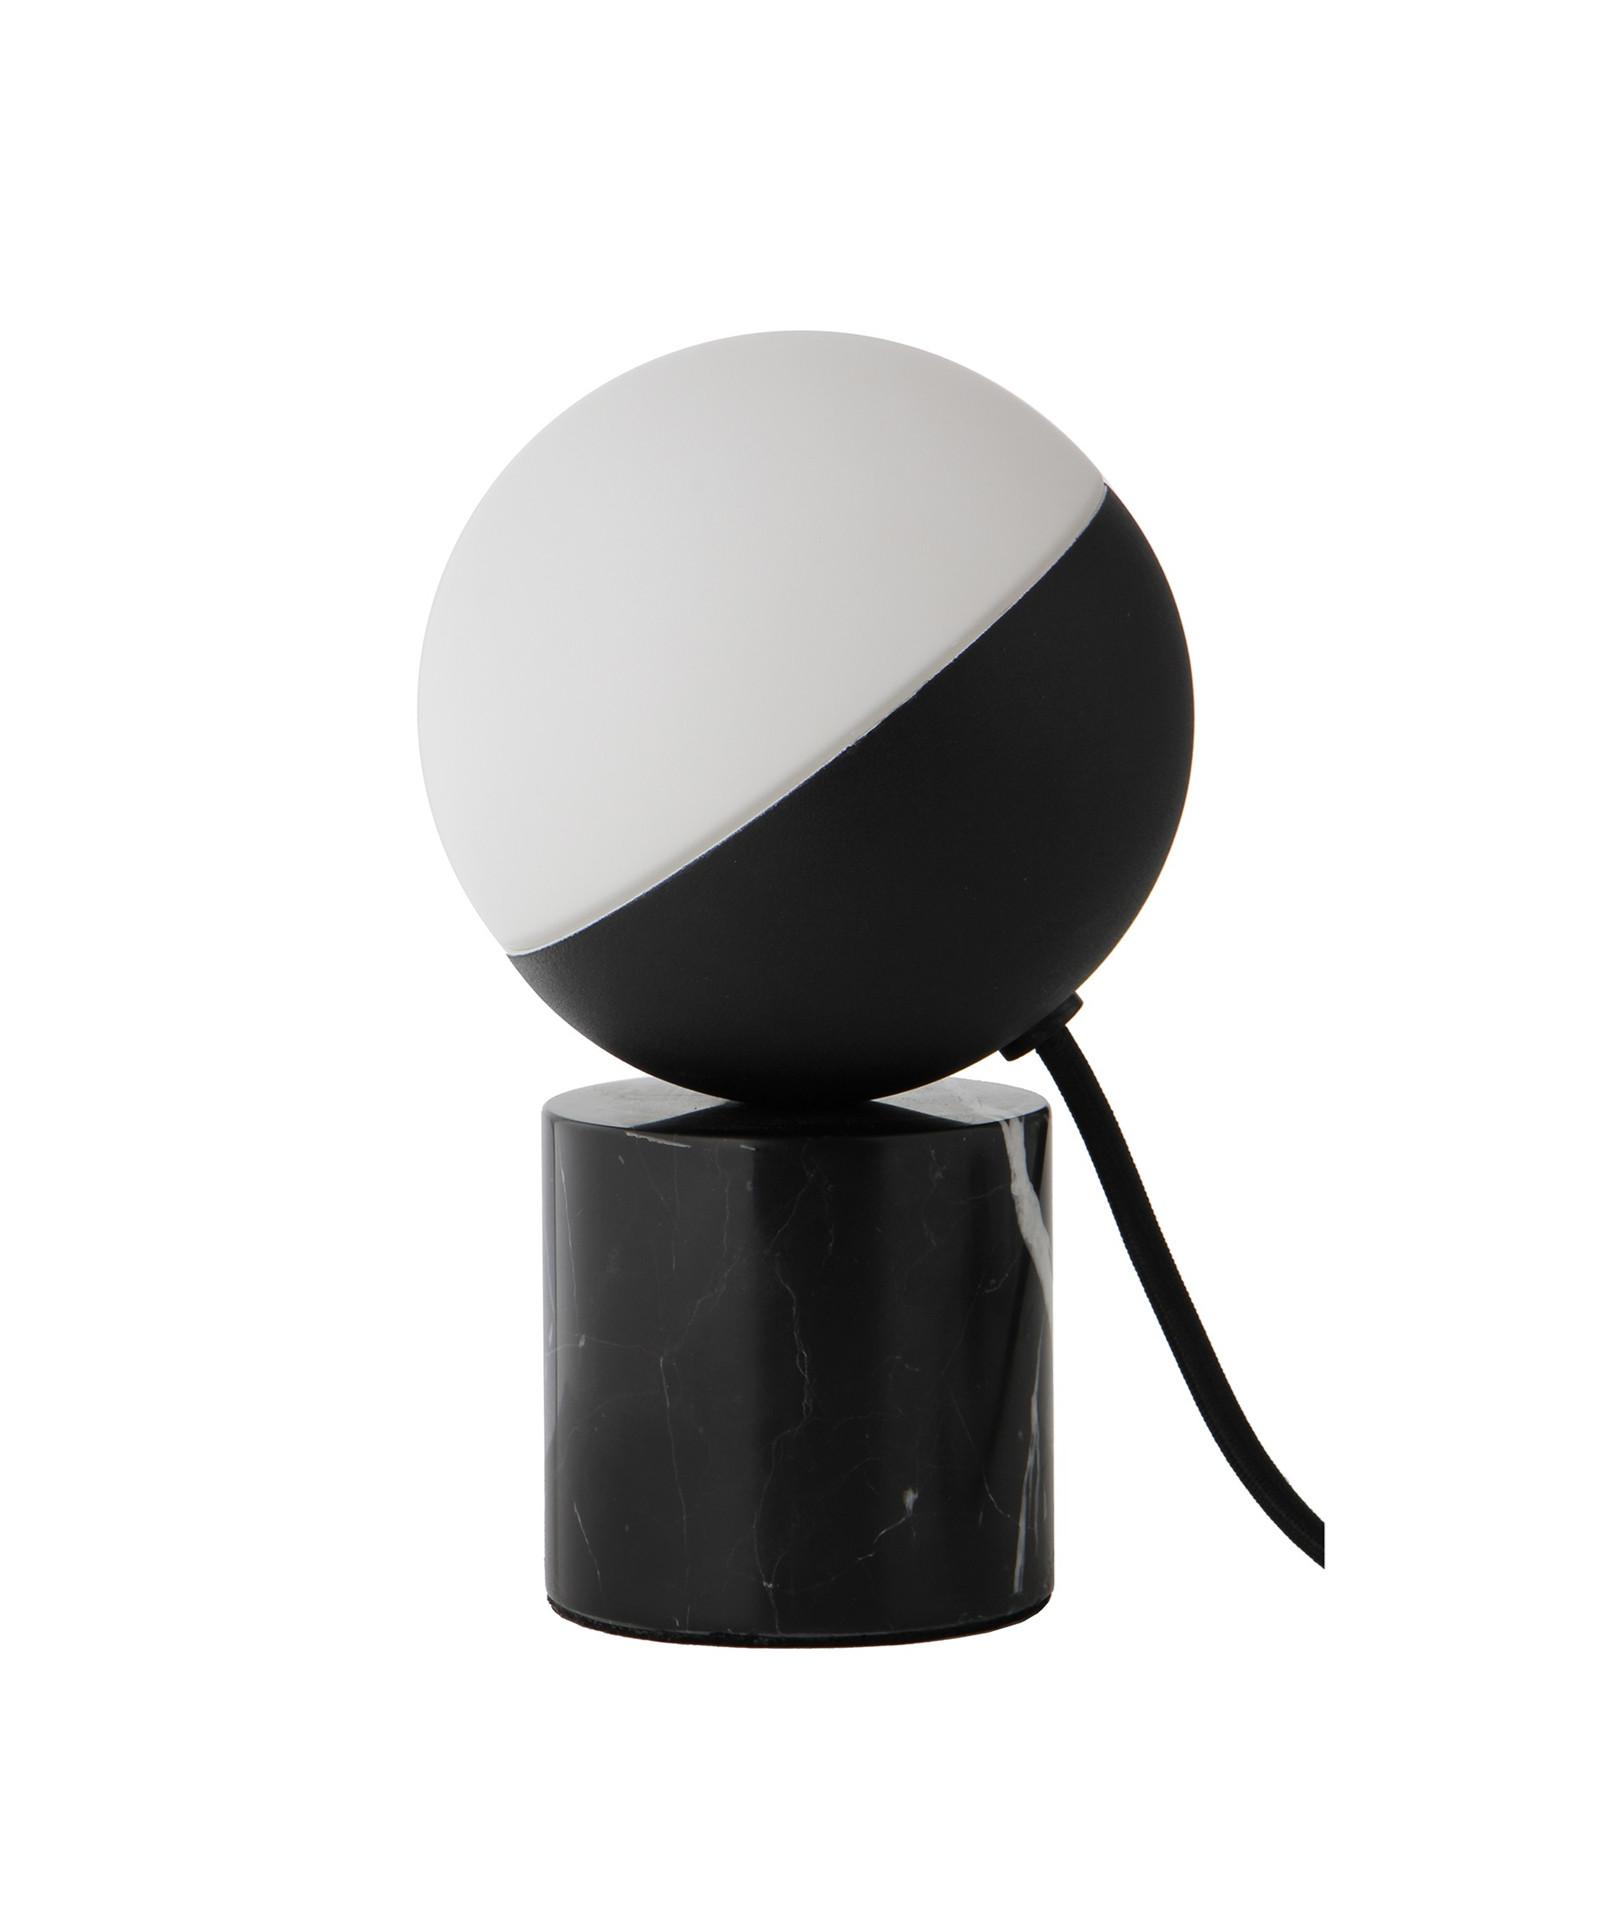 Image of Fabian Mini Bordlampe Mat Sort/Sort Marmor/Opal Hvid - Frandsen (5702410286184)